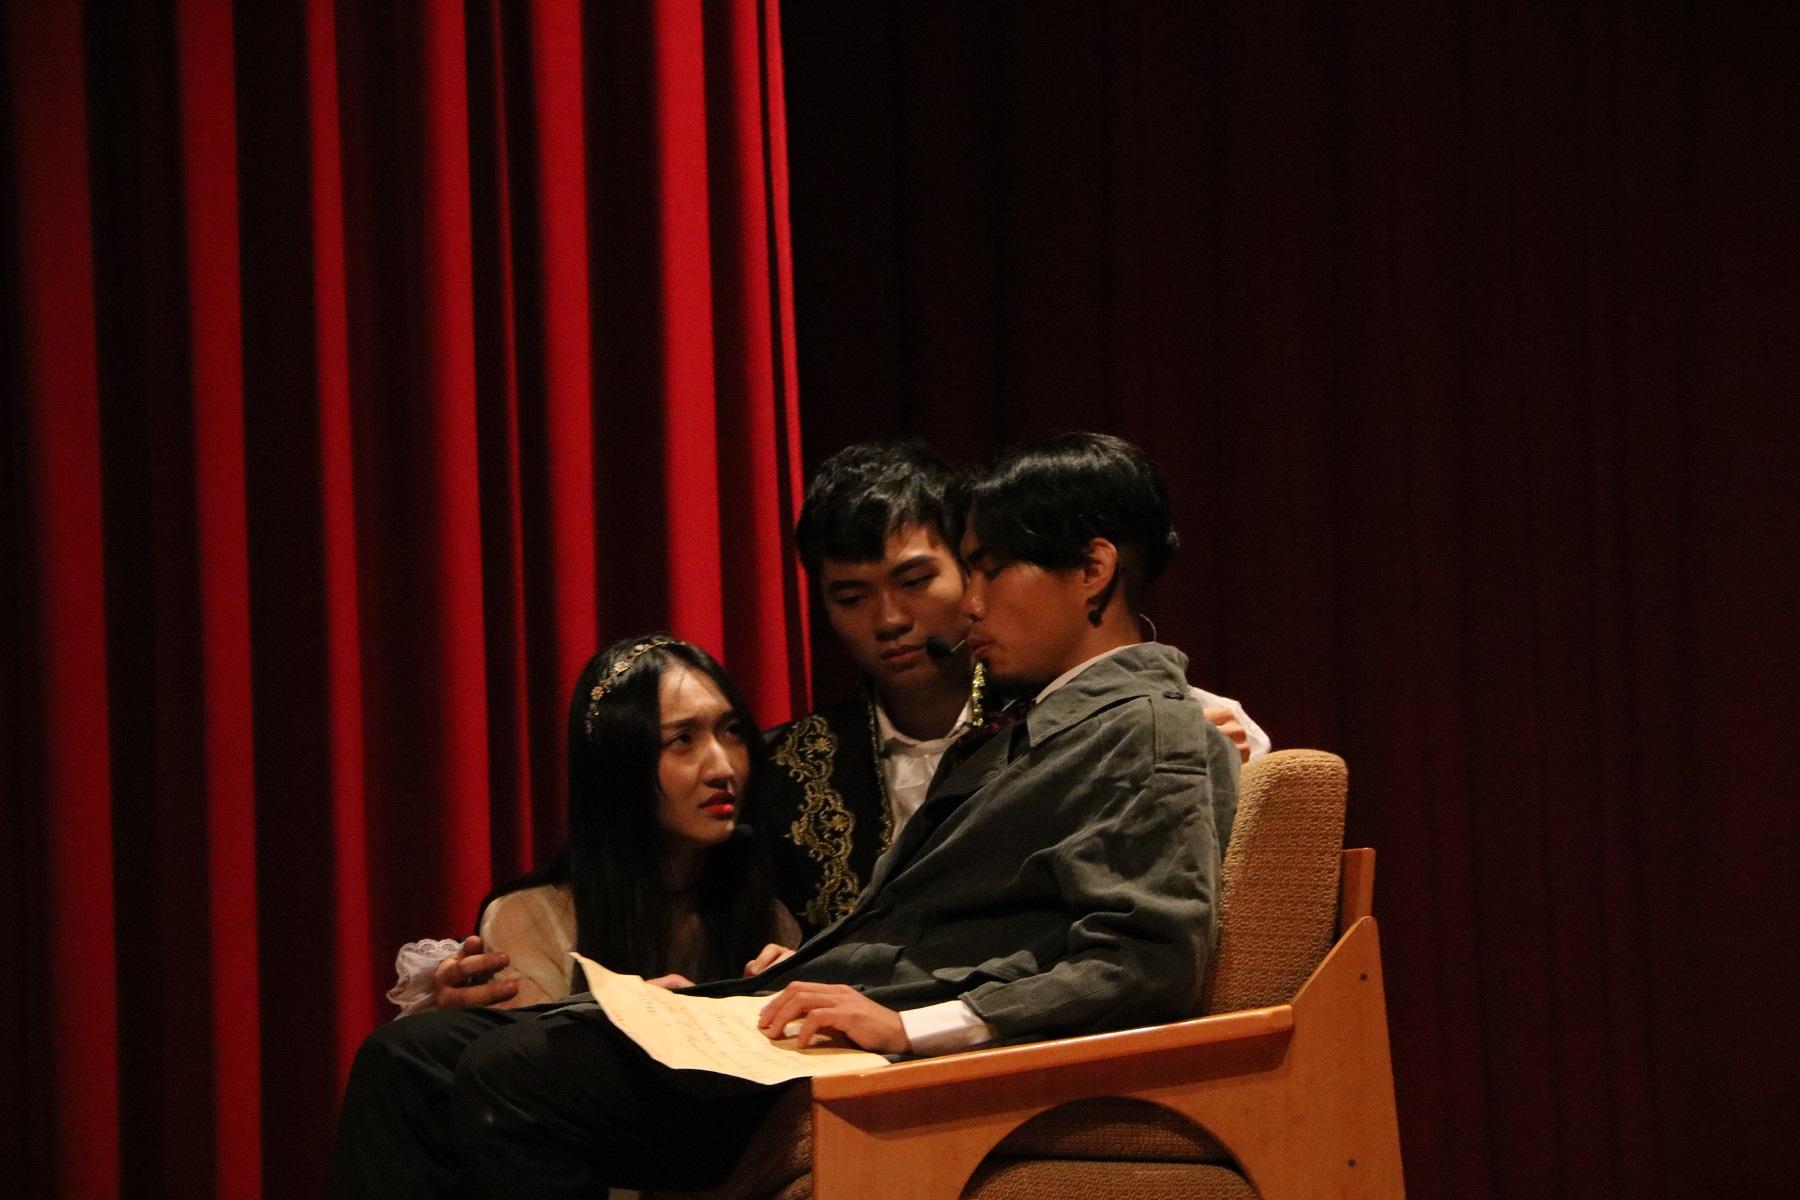 通稿照片-中原大學通識課程「一起來玩音樂劇」,首次引進結合音樂、戲劇、舞蹈等「綜合藝術」的教學模式.jpg